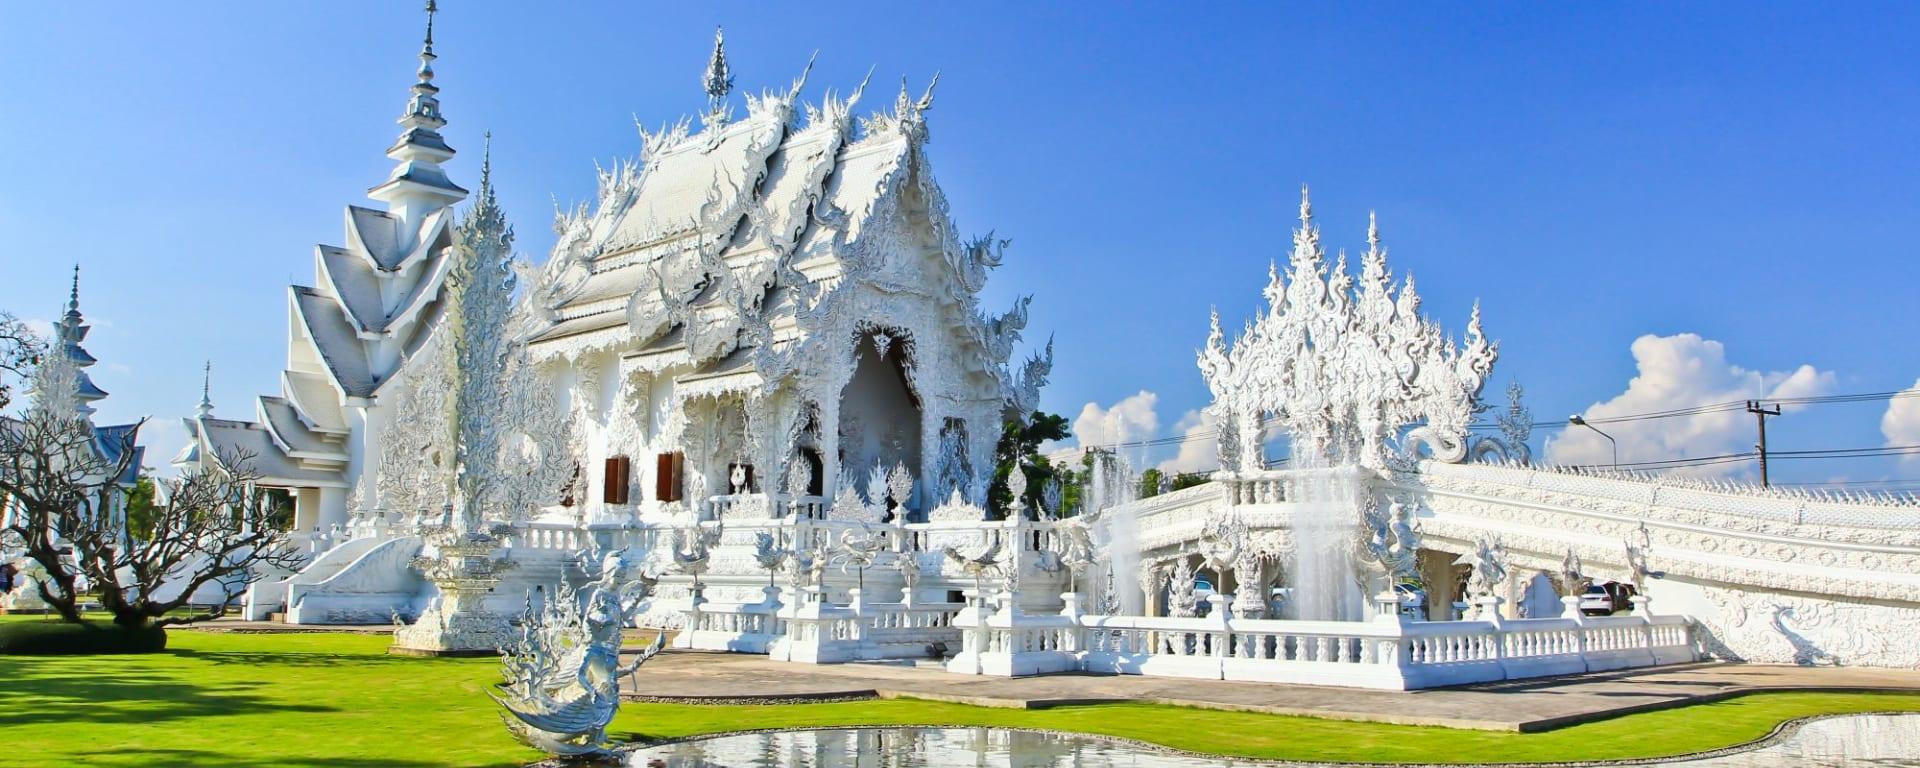 Wissenswertes zu Thailand Reisen und Ferien: Chiang Rai Wat Rong Khun